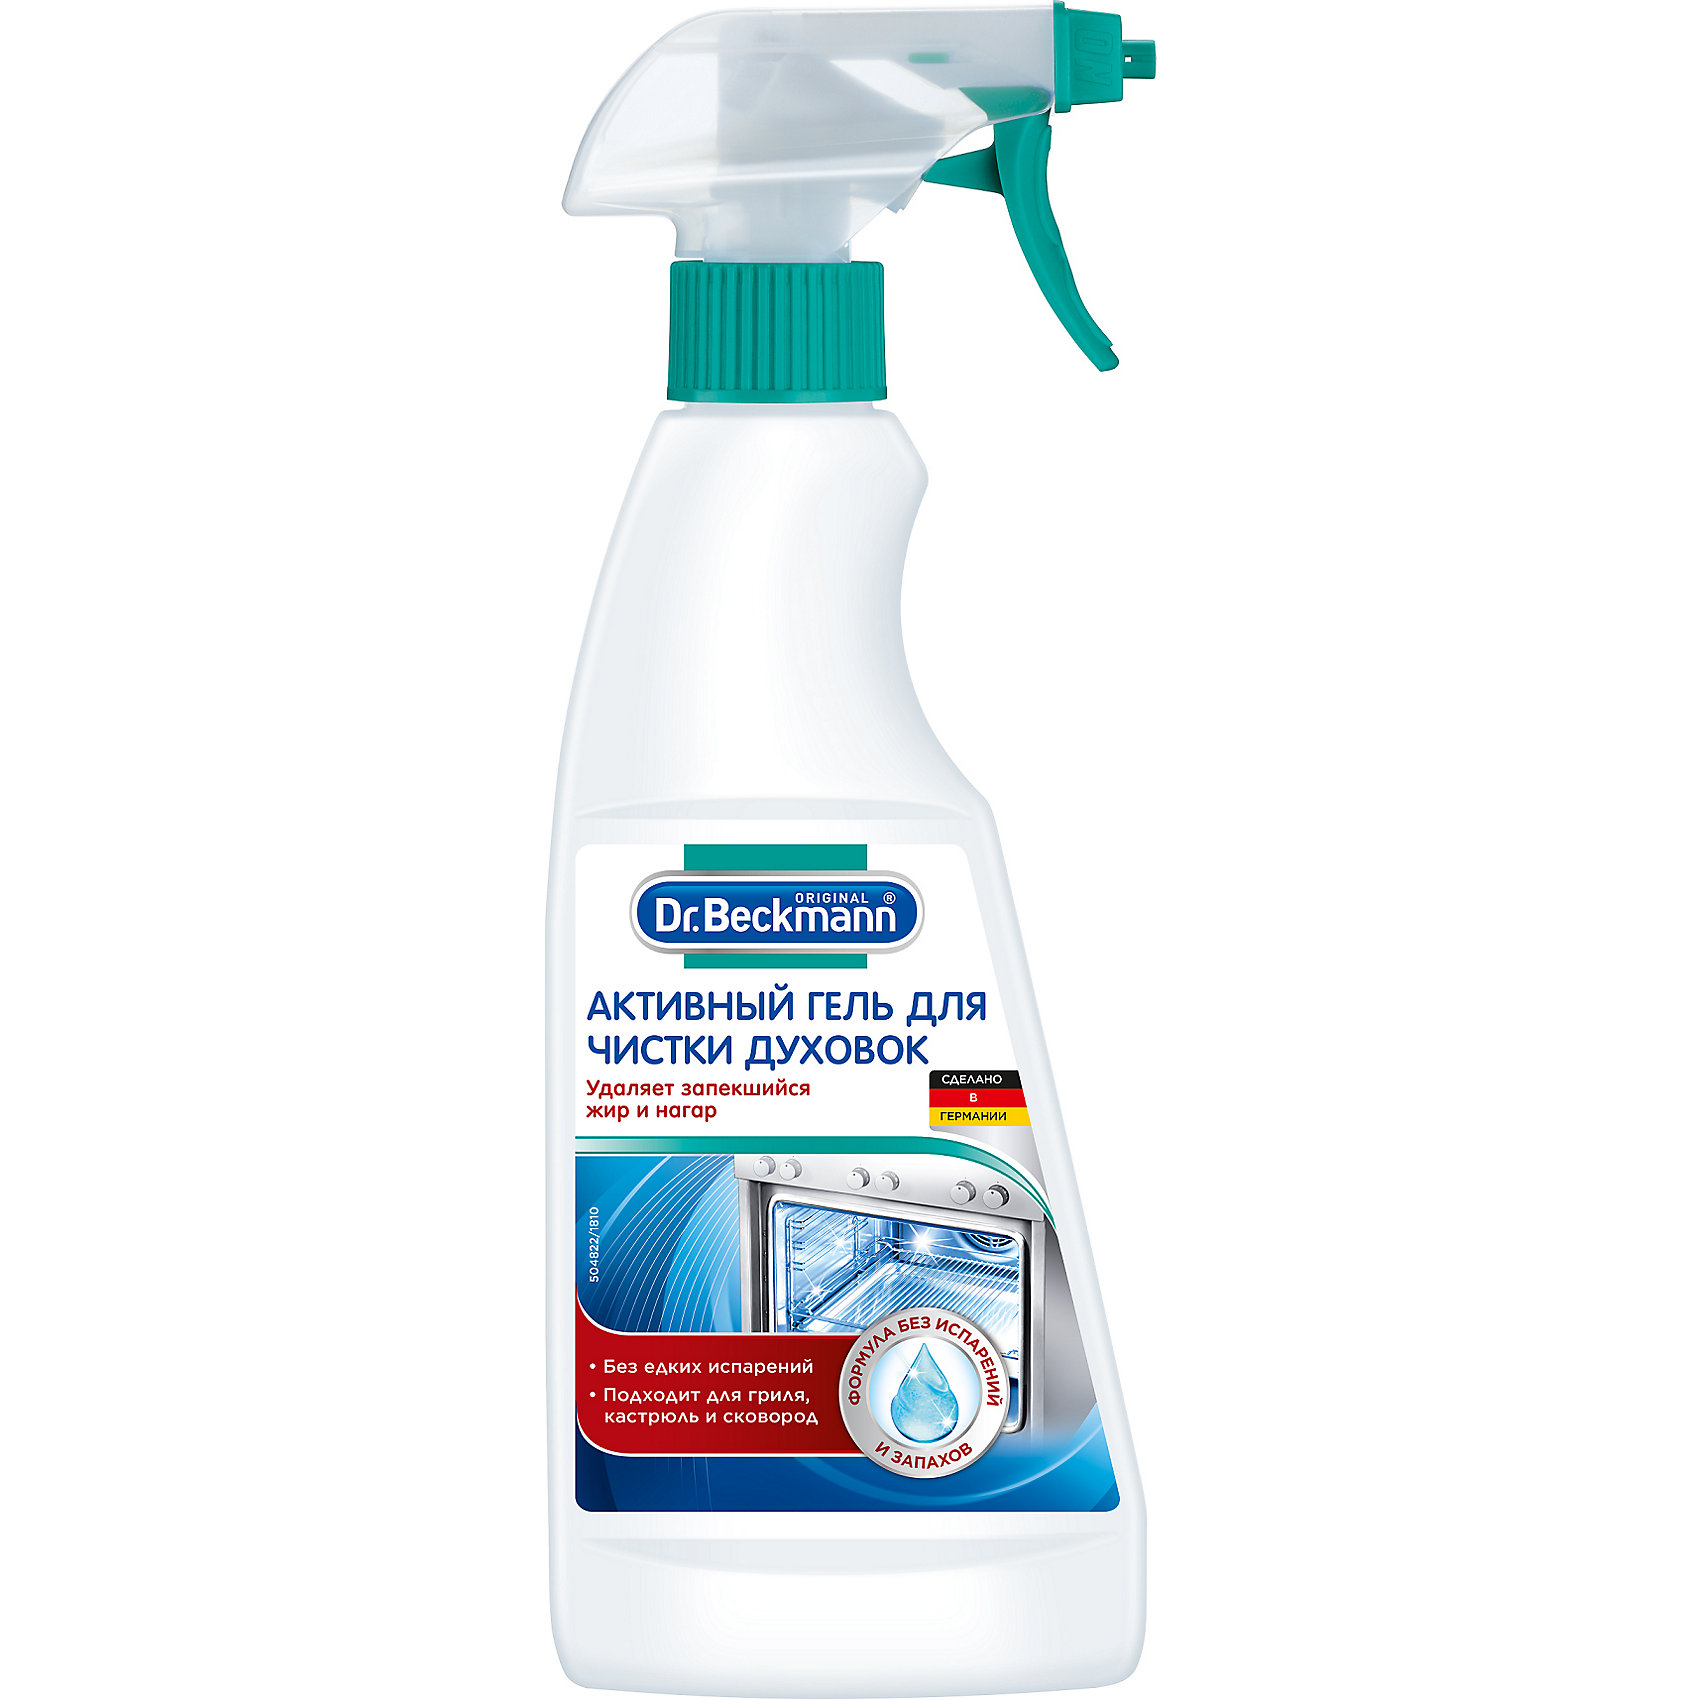 Активный гель для чистки духовок, 375 мл., Dr.BeckmannХарактеристики товара:<br><br>• цвет: разноцветный<br>• объем: 375 мл<br>• упаковка: пластик<br>• страна бренда: Германия<br>• страна изготовитель: Германия<br><br>Духовка на кухне быстро загрязняется и сложно поддается очищению. В помощь хозяйкам было изобретено специальное средство для металлов от компании Dr.Beckmann. В состав жидкости входят абразивы натурального происхождения и растворители жира. После нанесения на поверхности образуется водоотталкивающий слой. Средство не имеет вредных и опасных испарений. Материалы, использованные при изготовлении товара, сертифицированы и отвечают всем международным требованиям по качеству. <br><br>Активный гель для чистки духовок, 375 мл. от производителя Dr.Beckmann (Др. Бекманн) можно приобрести в нашем интернет-магазине.<br><br>Ширина мм: 90<br>Глубина мм: 50<br>Высота мм: 253<br>Вес г: 462<br>Возраст от месяцев: 216<br>Возраст до месяцев: 1188<br>Пол: Унисекс<br>Возраст: Детский<br>SKU: 5185696